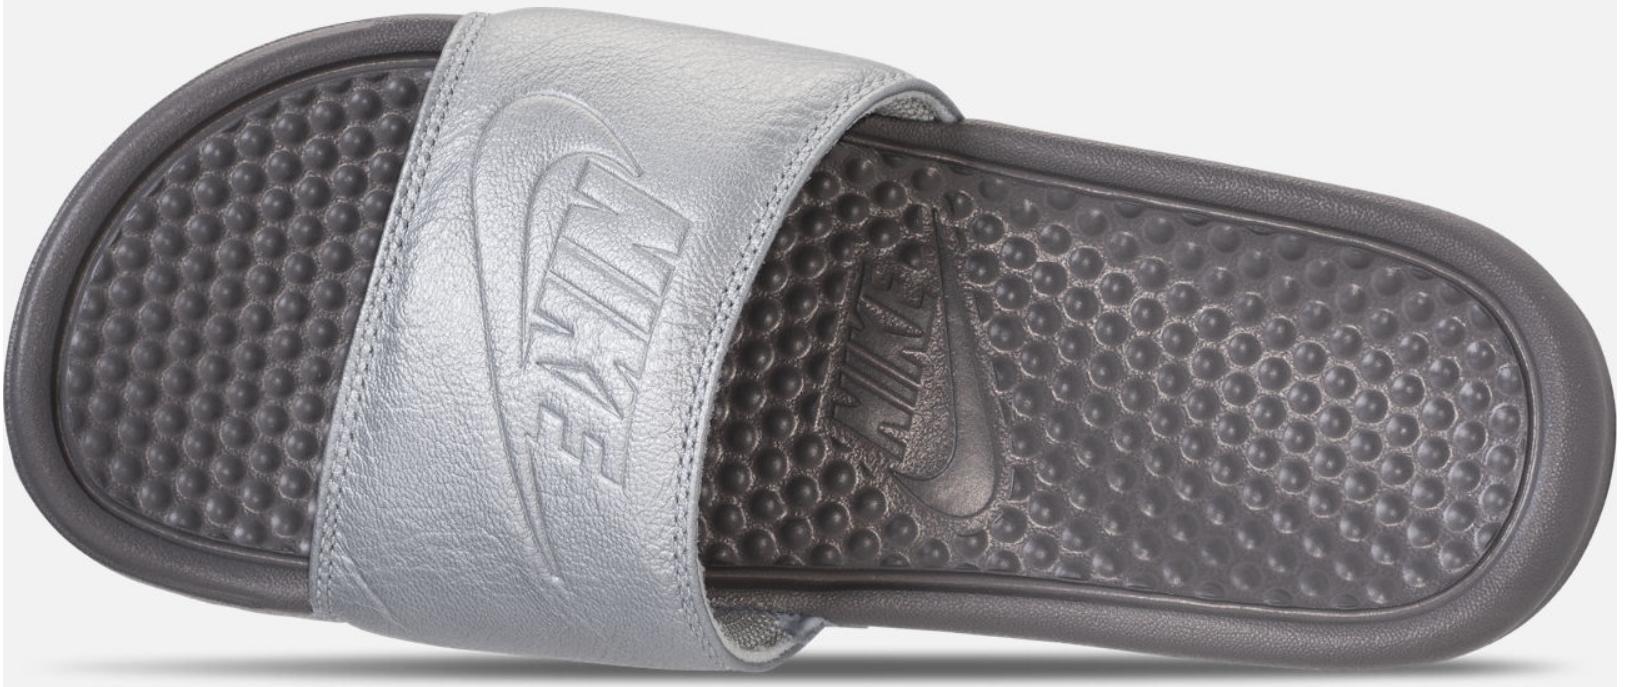 FinishLine.com – Women's Nike Benassi Just Do It Metallic Slide Sandals Only $7.50, Reg $34.99